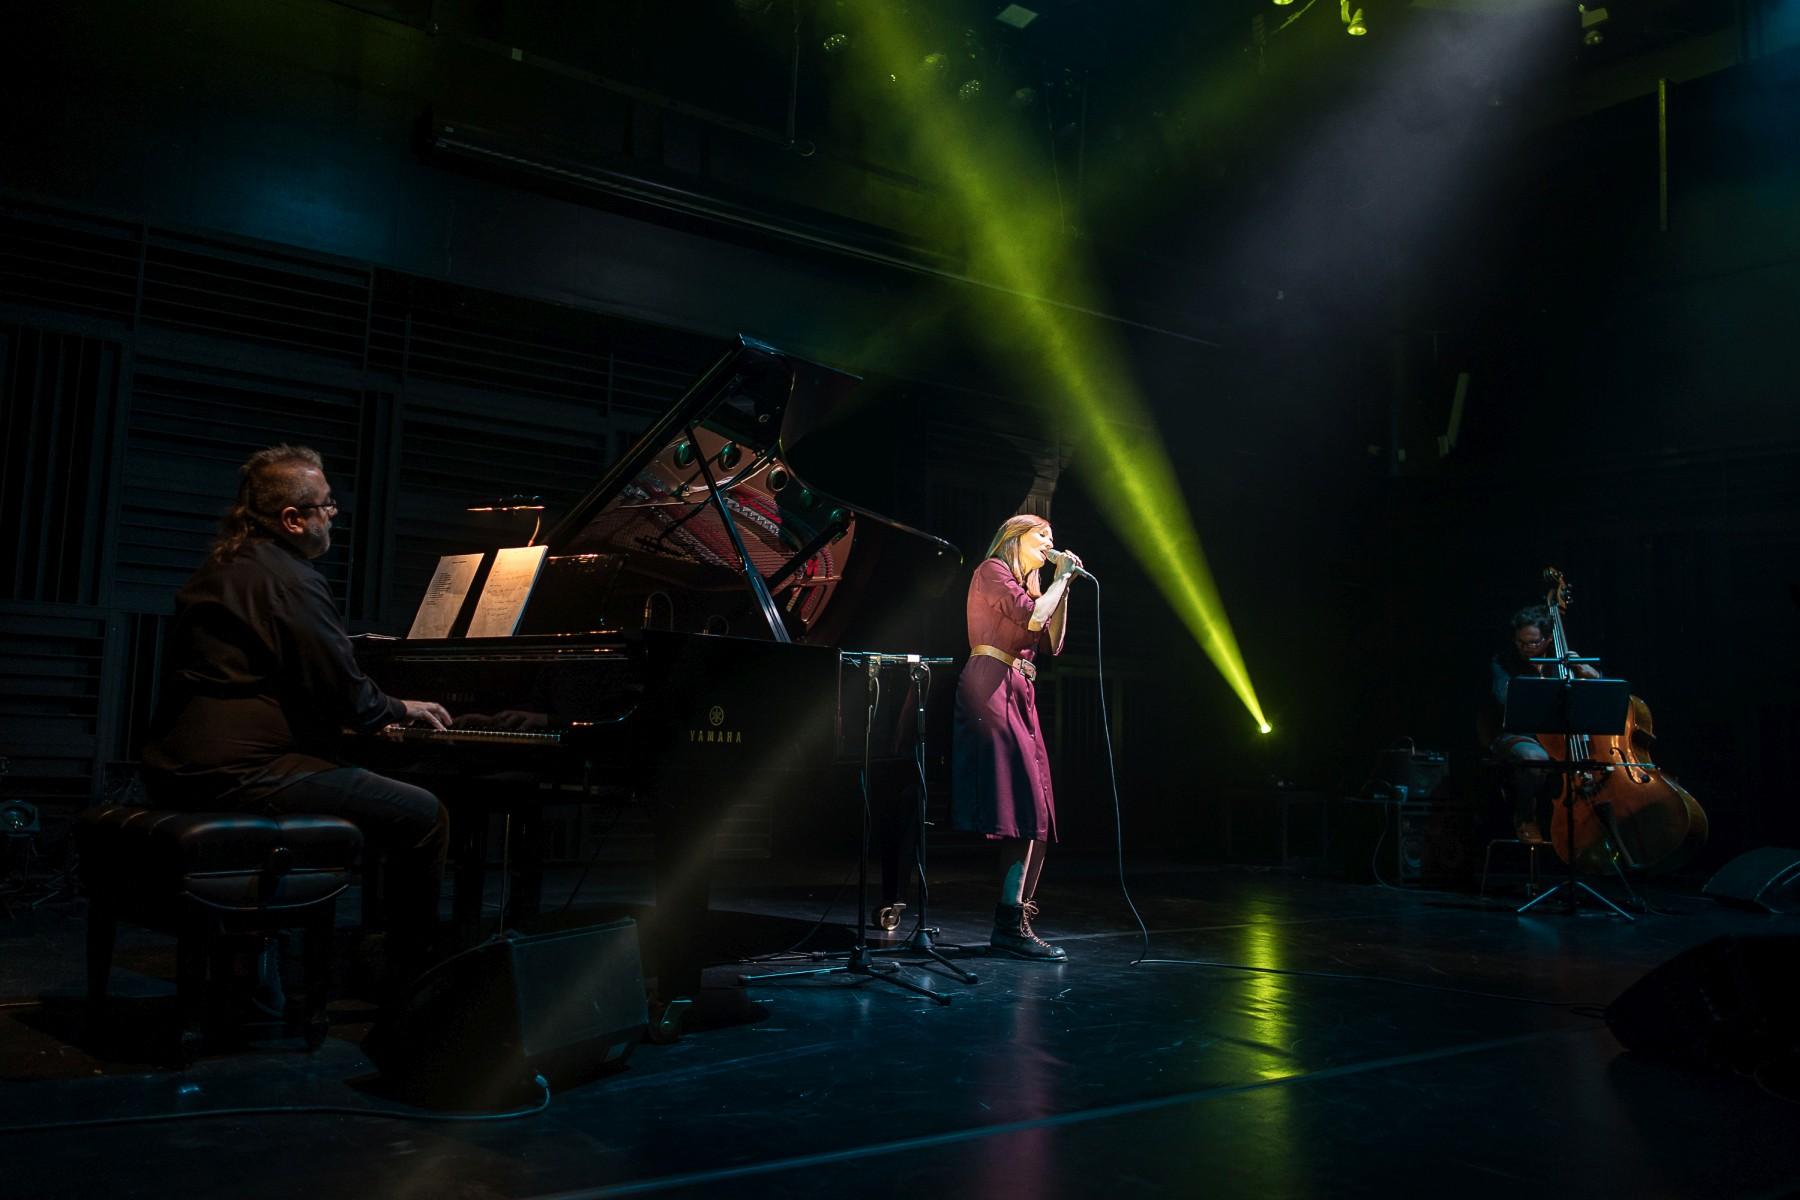 Justyna Szafran, ubrana w czerwoną sukienkę, stoi na scenie. Śpiewa, w obu rękach trzymając mikrofon. Po lewej Rafał Karasiewicz akompaniuje na fortepianie, po prawej Jakub Olejnik gra na kontrabasie. Scenę przecina zielone światło z reflektora.